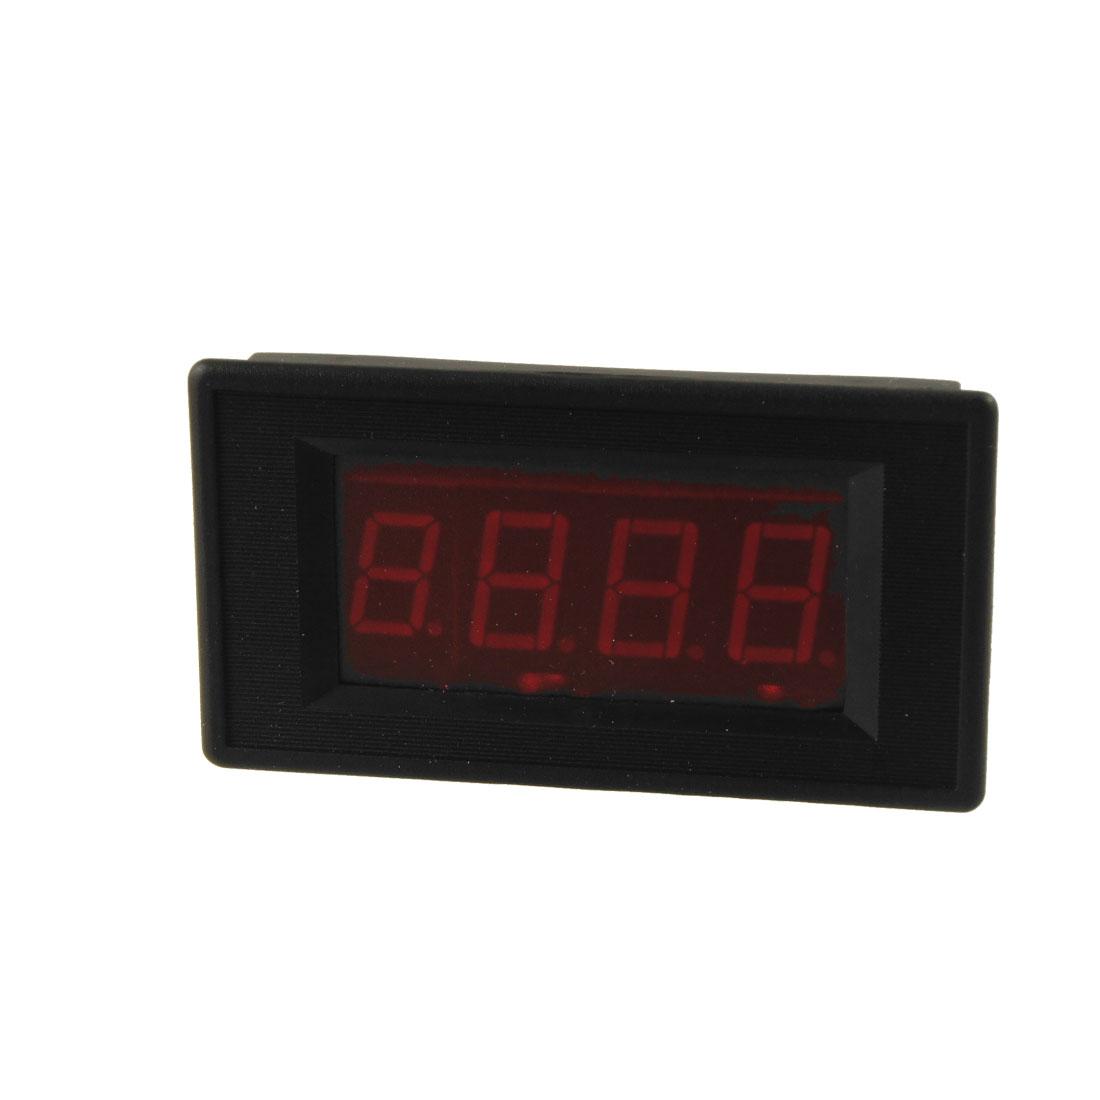 Red LED Digital Display AC 0-300V Voltage Test Panel Voltmeter